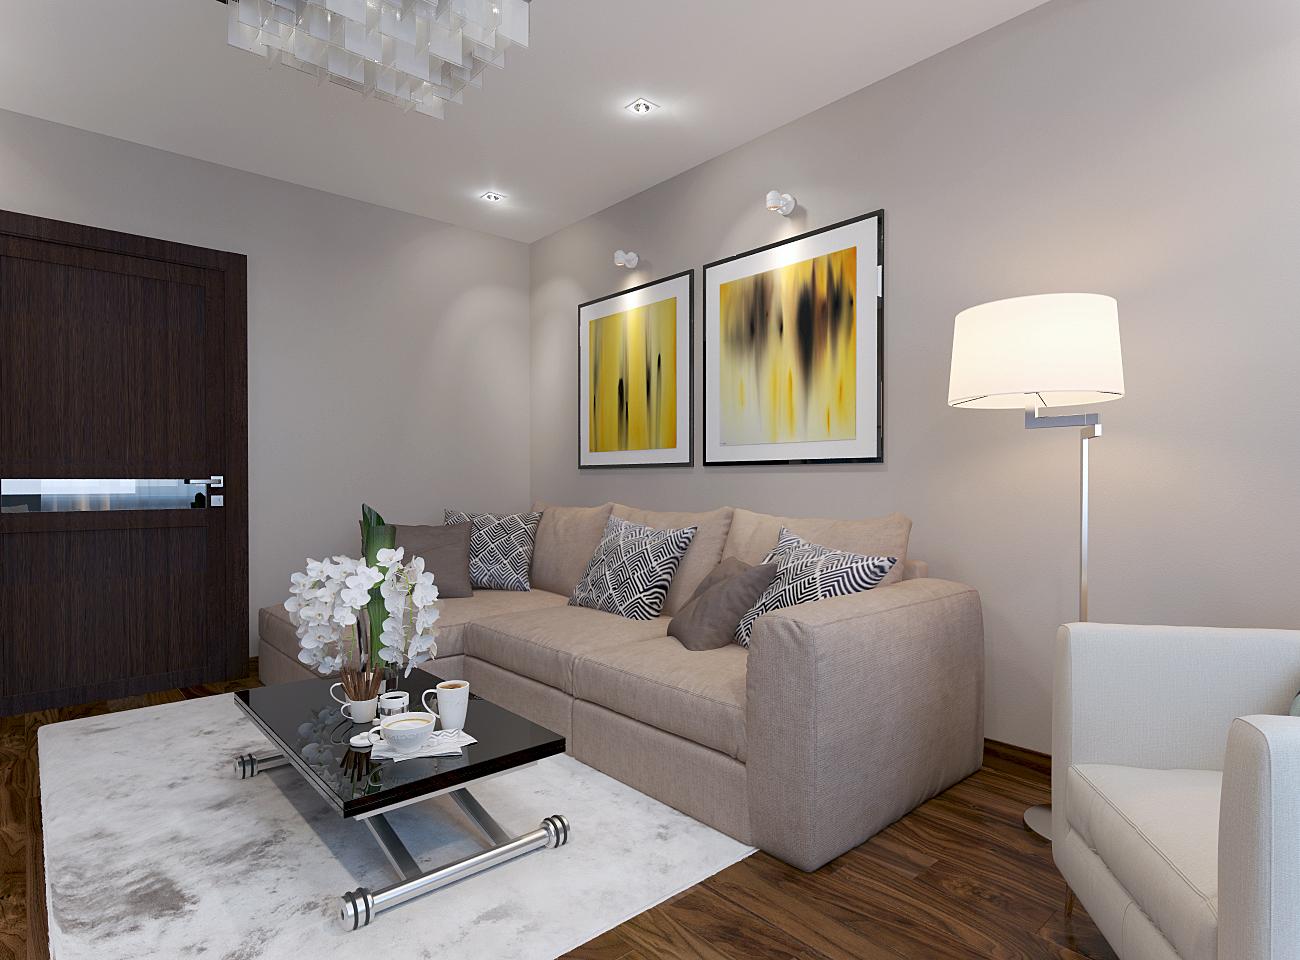 дизайн гостинной комнаты площадью 17 кв м в панельном доме 44 фото